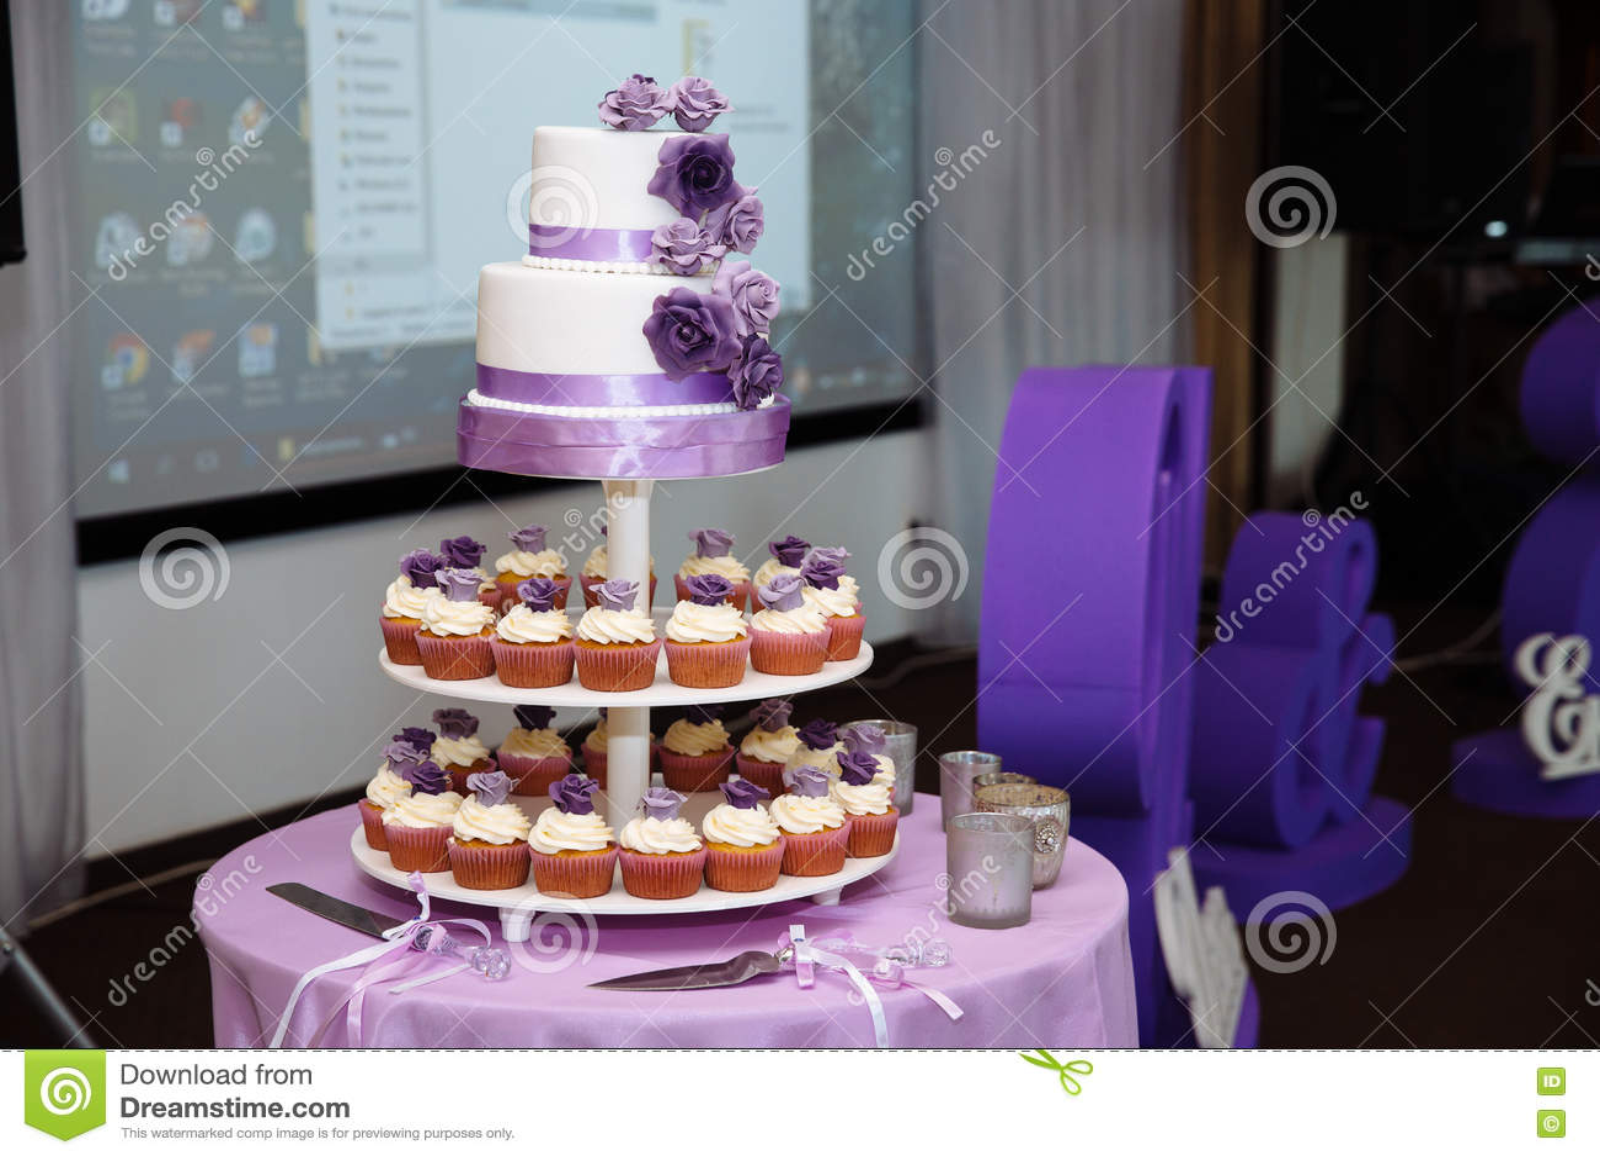 Susse Mehrstufige Hochzeitstorte Verziert Mit Blauen Blumen